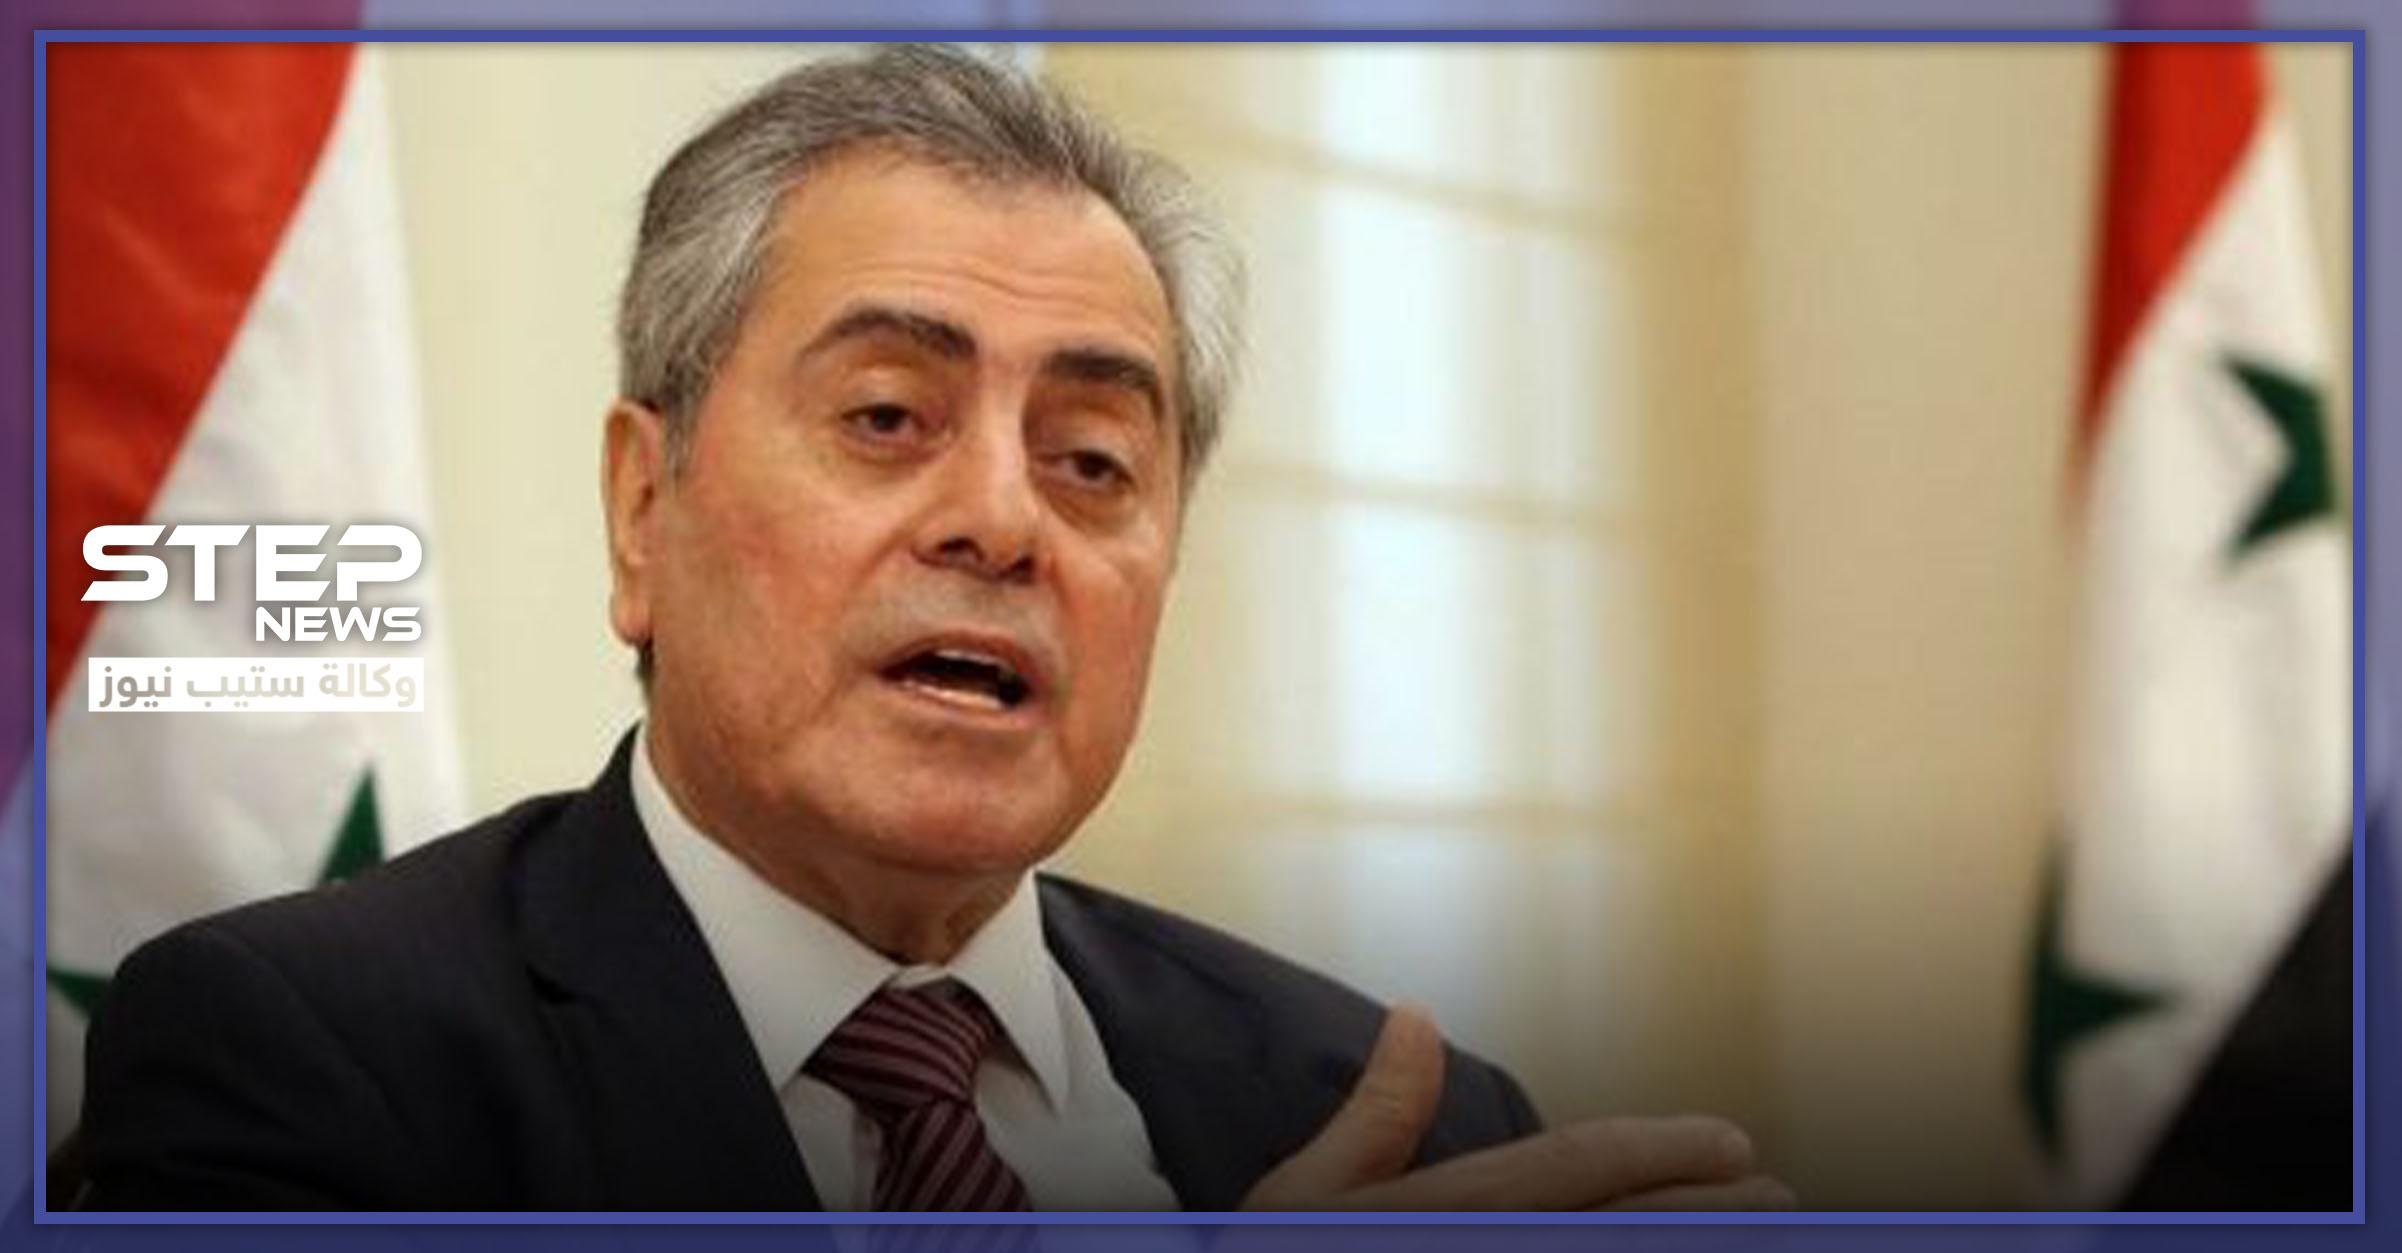 سفير النظام السوري في لبنان يحاول استغلال تفجير بيروت لصالحه